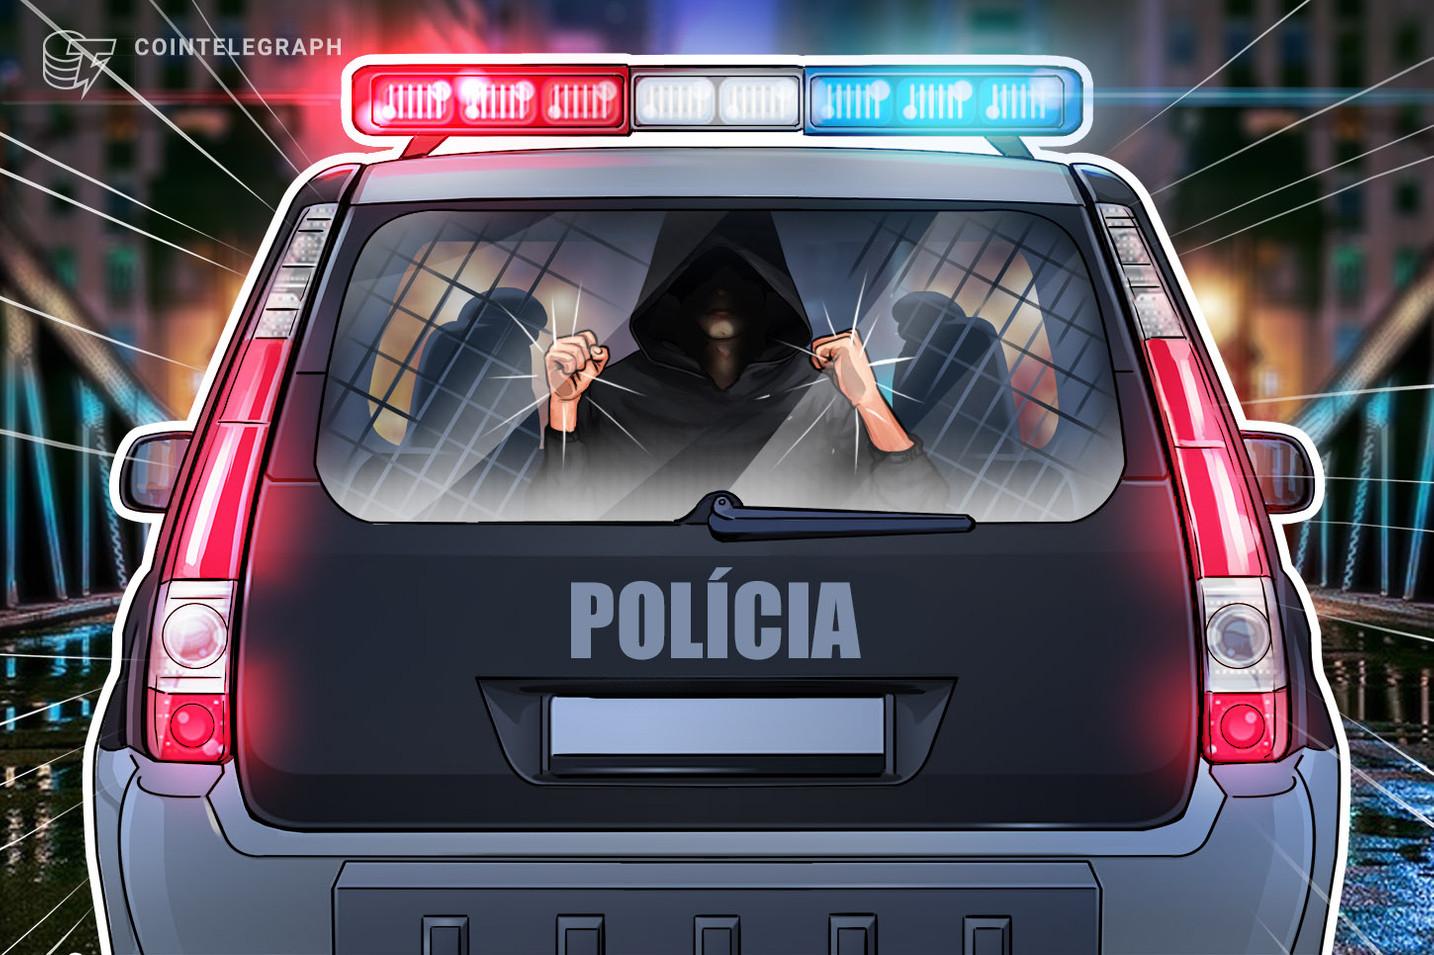 No Brasil, líderes de esquema bilionário com Bitcoin fogem da polícia e clientes denunciam: 'Quadrilha'